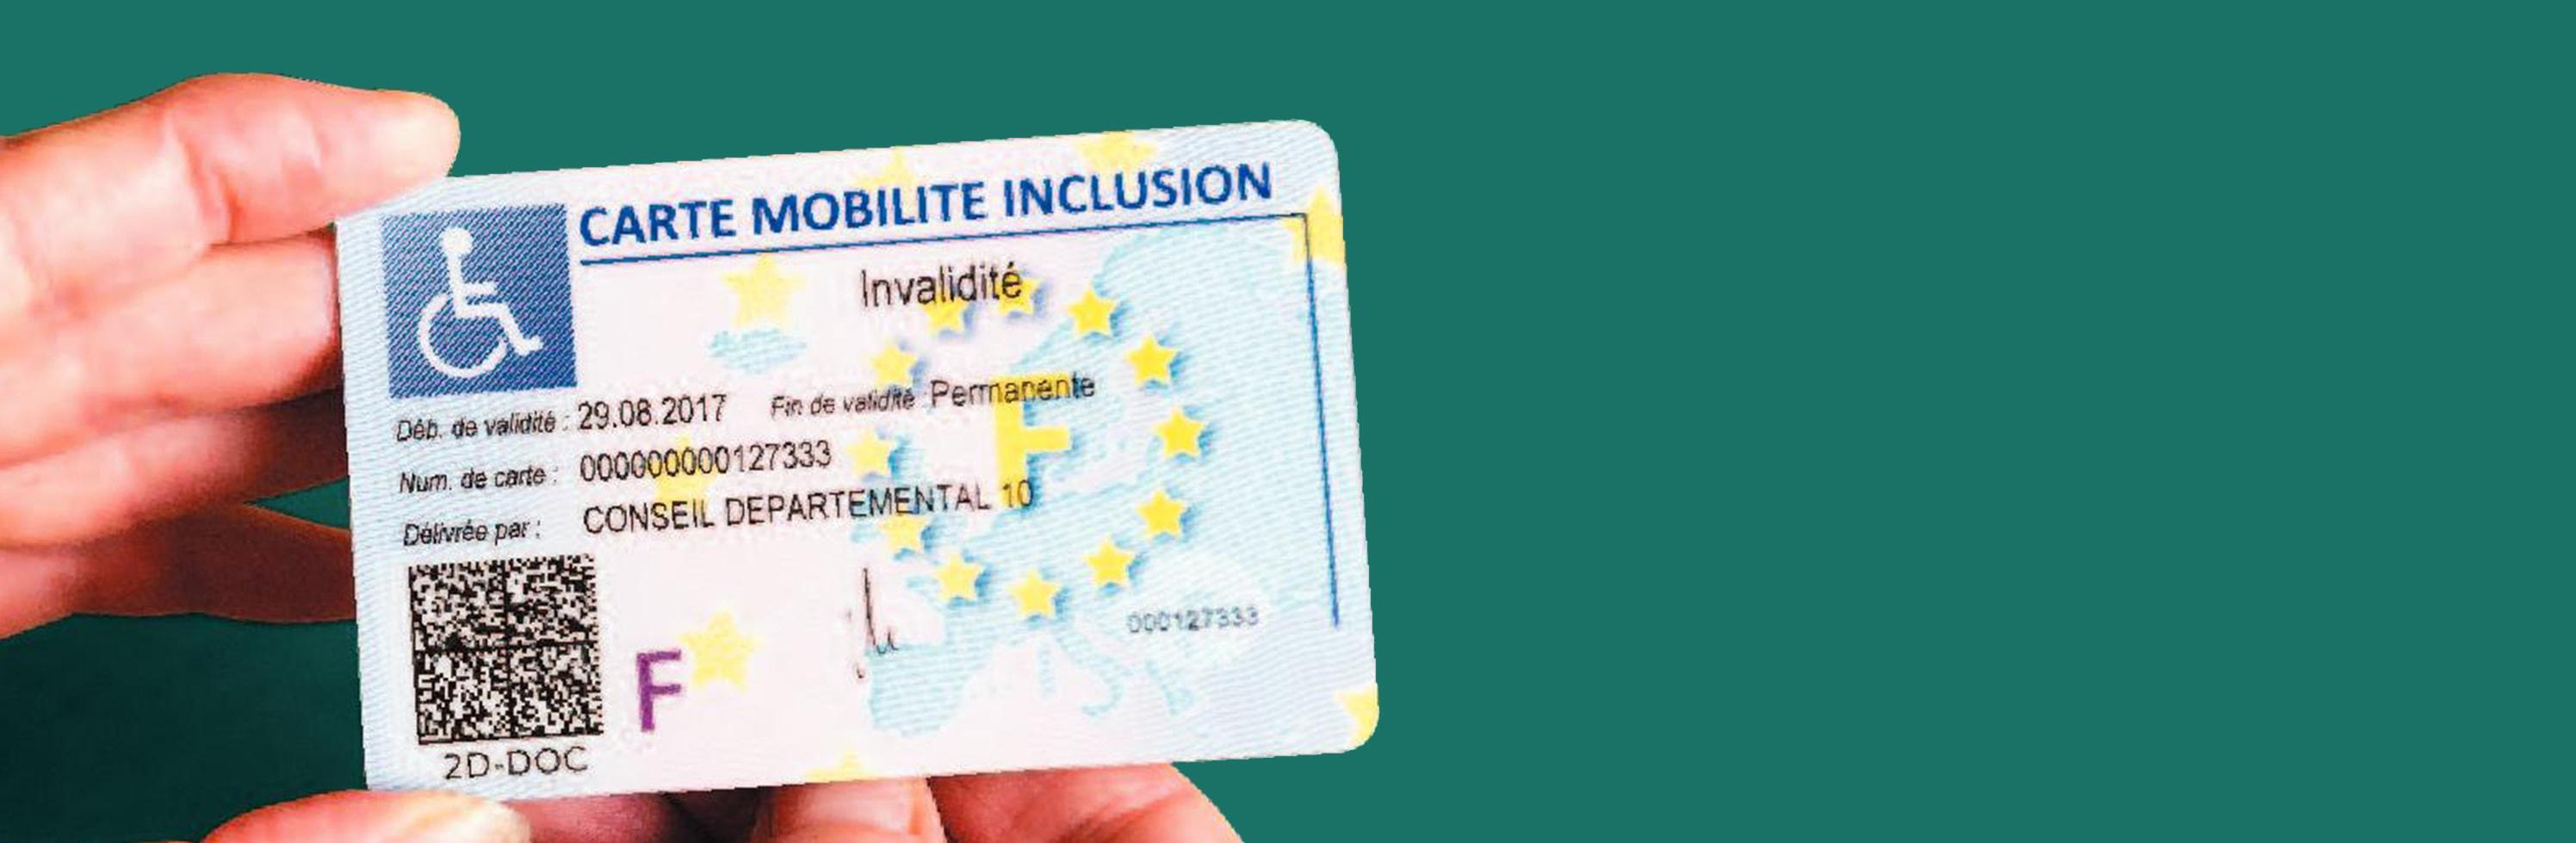 Carte Mobilite Inclusion Tout Savoir Sur La Nouvelle Carte